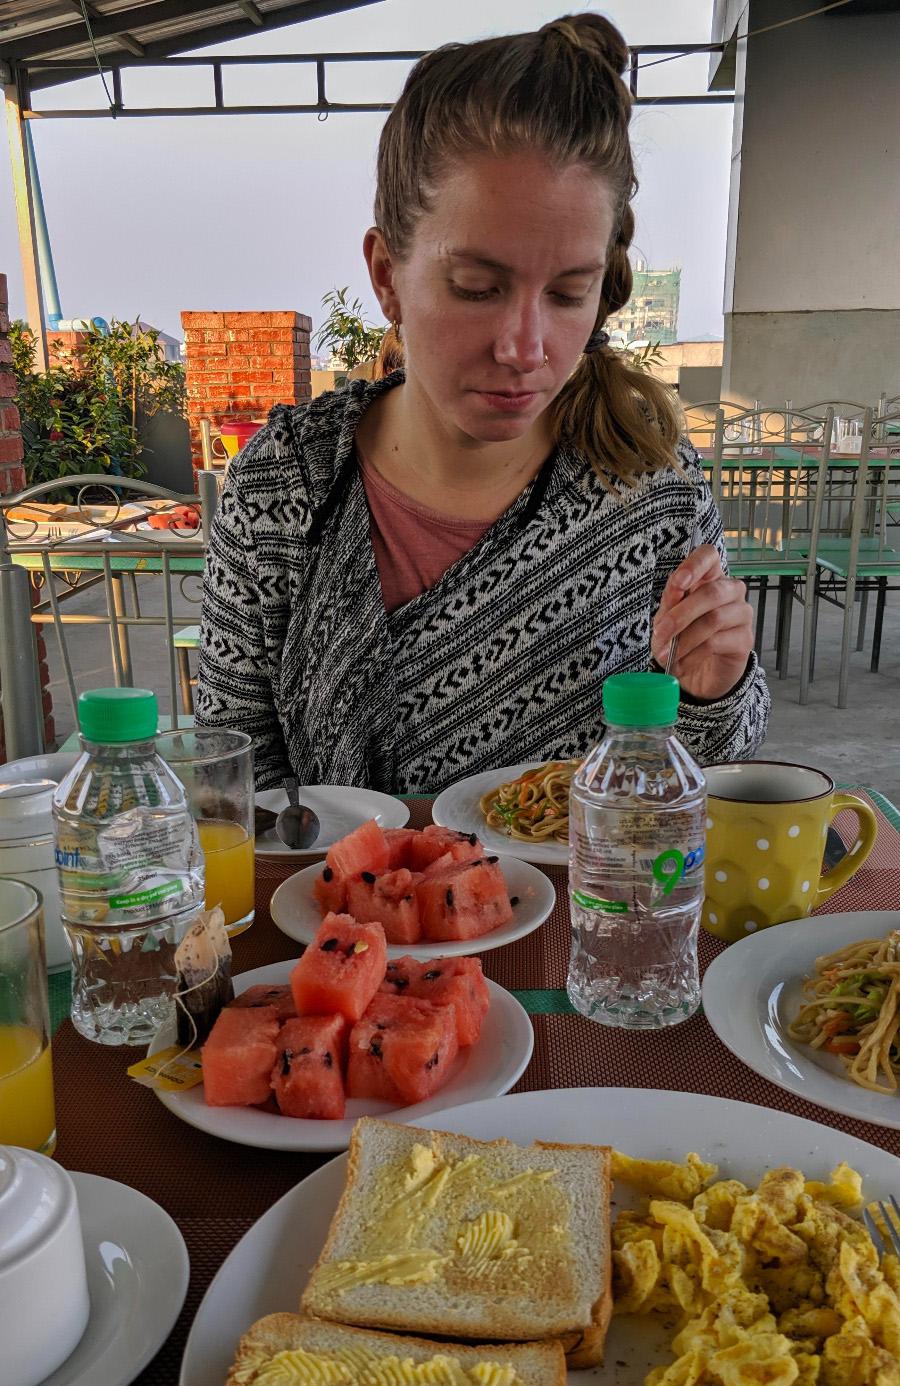 Hotellin aamiaisella päästiin tutustumaan toiseen yksinkertaiseen, mutta herkulliseen ruokalajiin: nuudelit oli paistettu sinappiöljyssä, joka antoi niille ihan erityisen maun